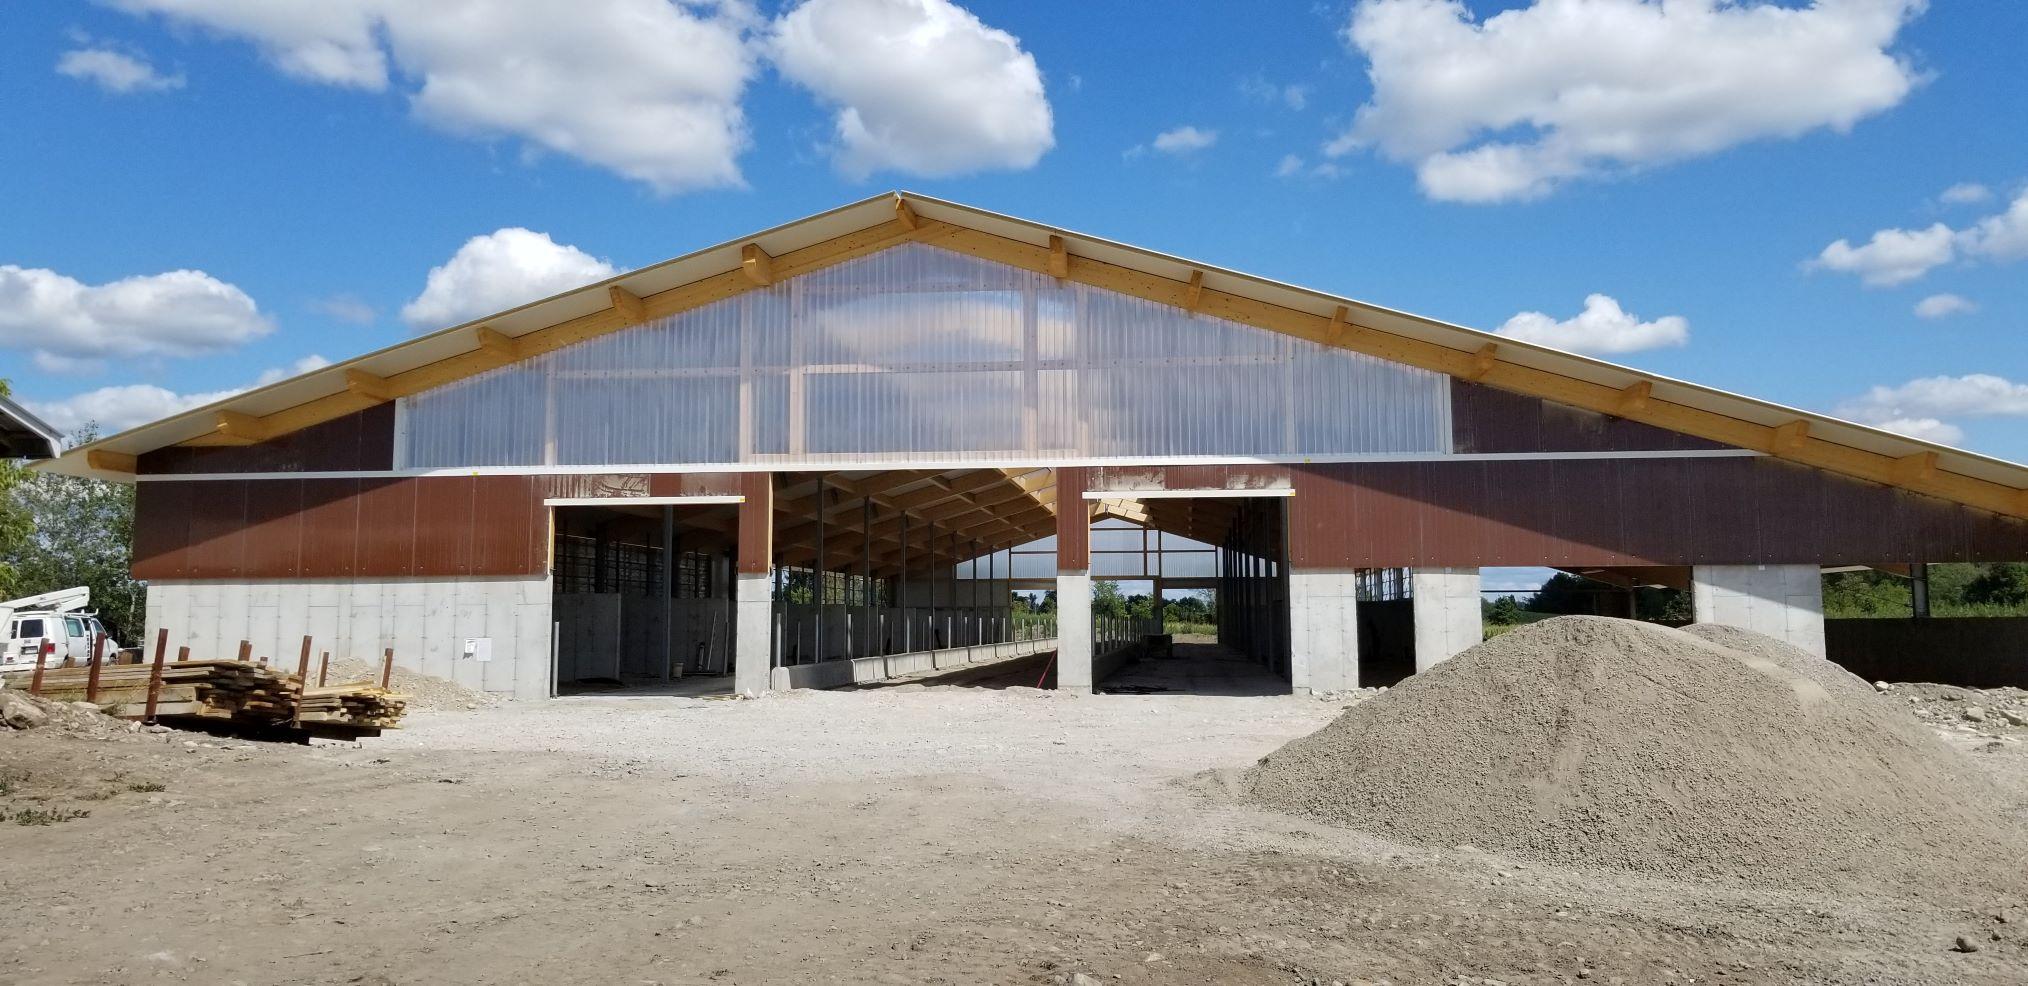 2019 Sterling, Ontario - Heifer barn